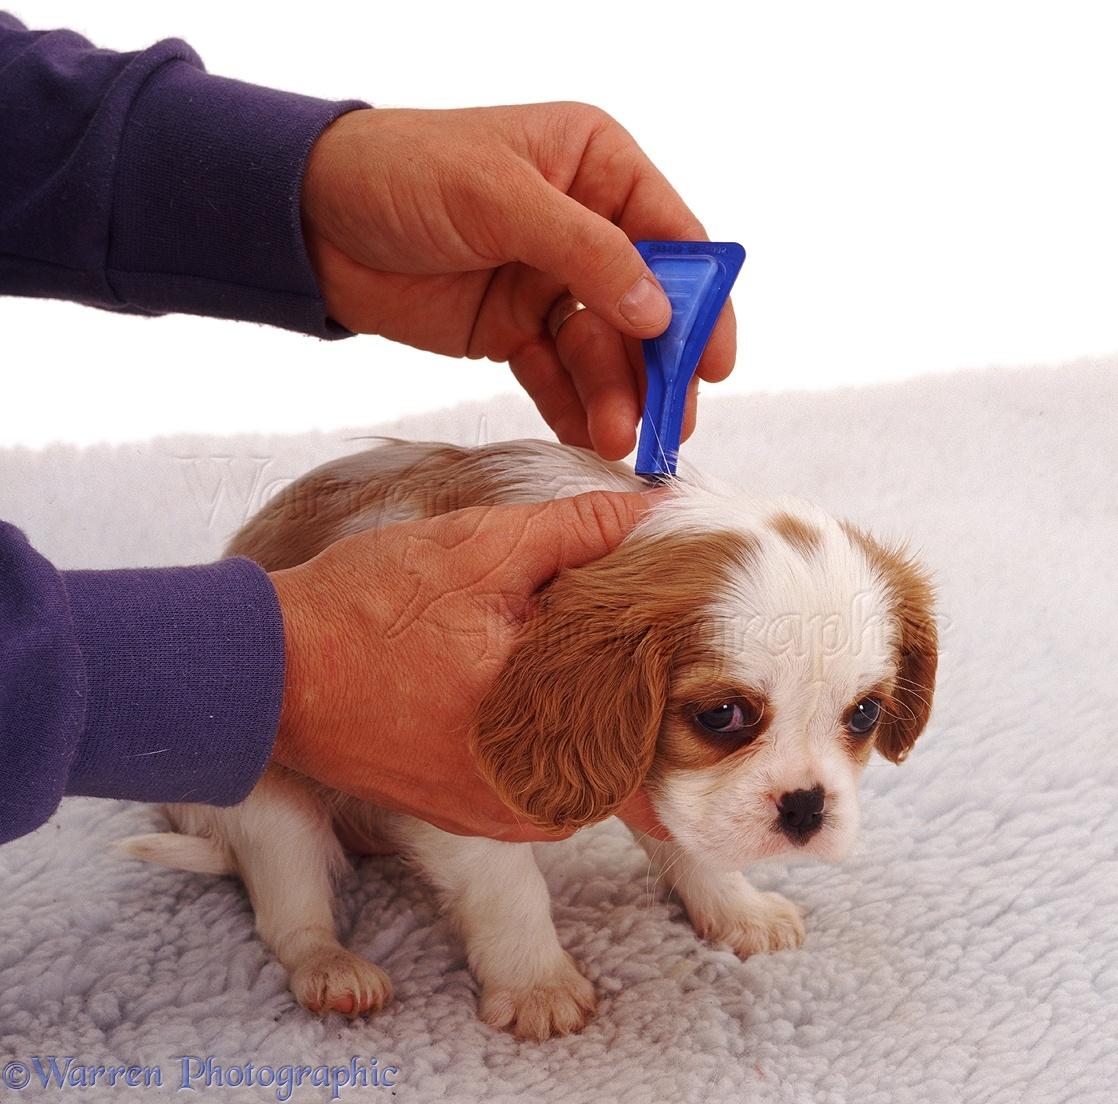 Dog: Puppy flea treatment photo - WP05474